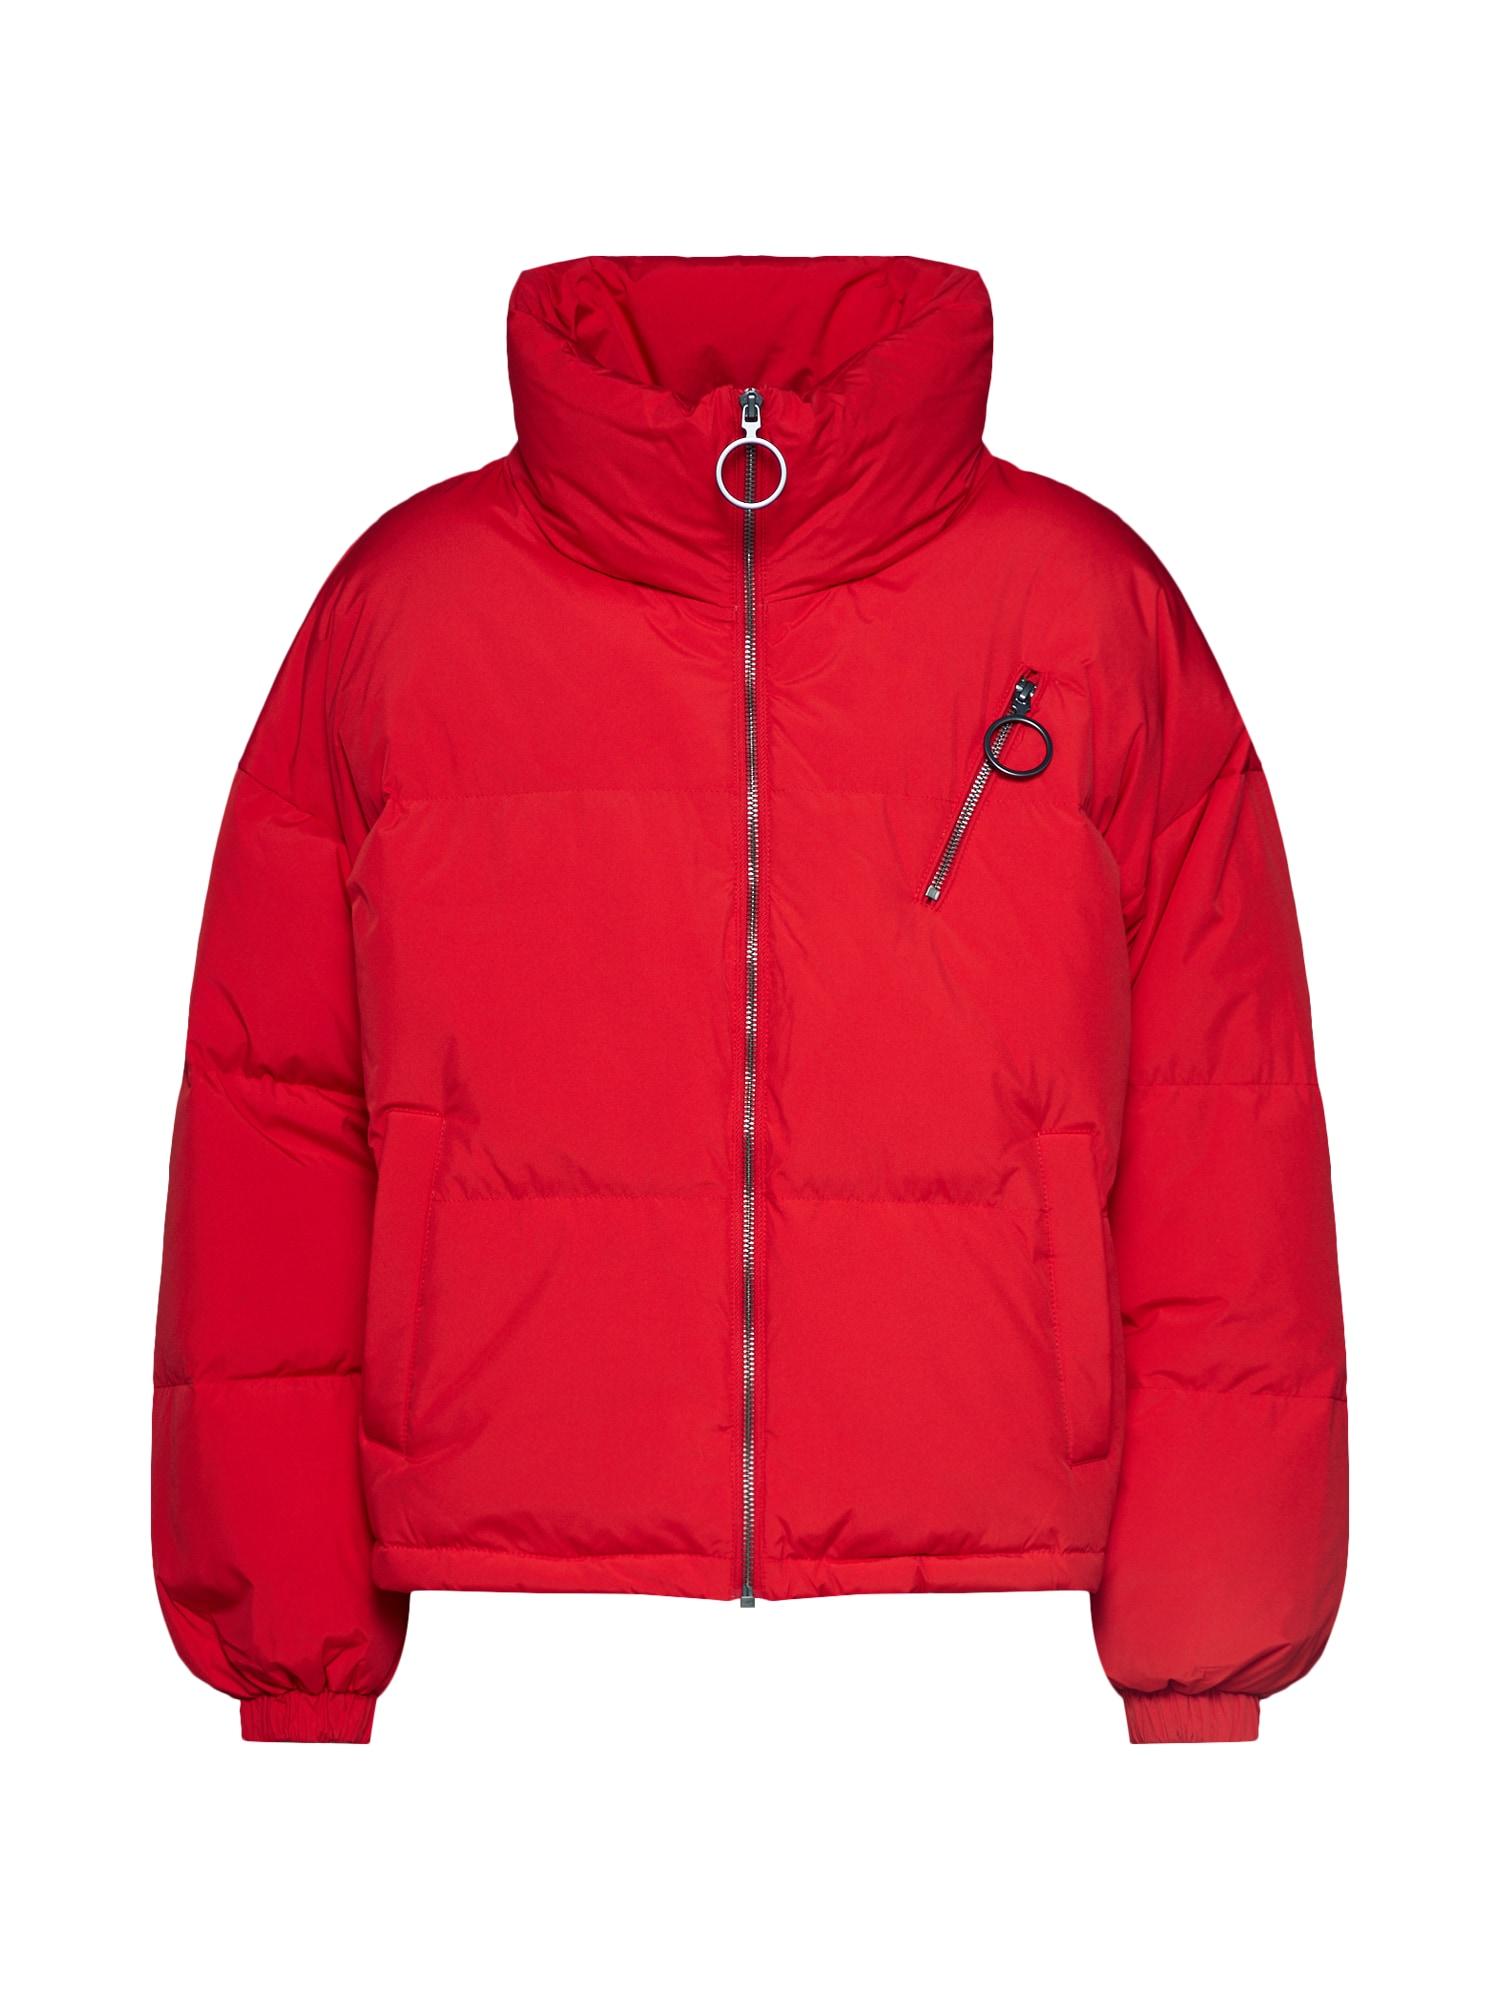 UNITED COLORS OF BENETTON Žieminė striukė raudona